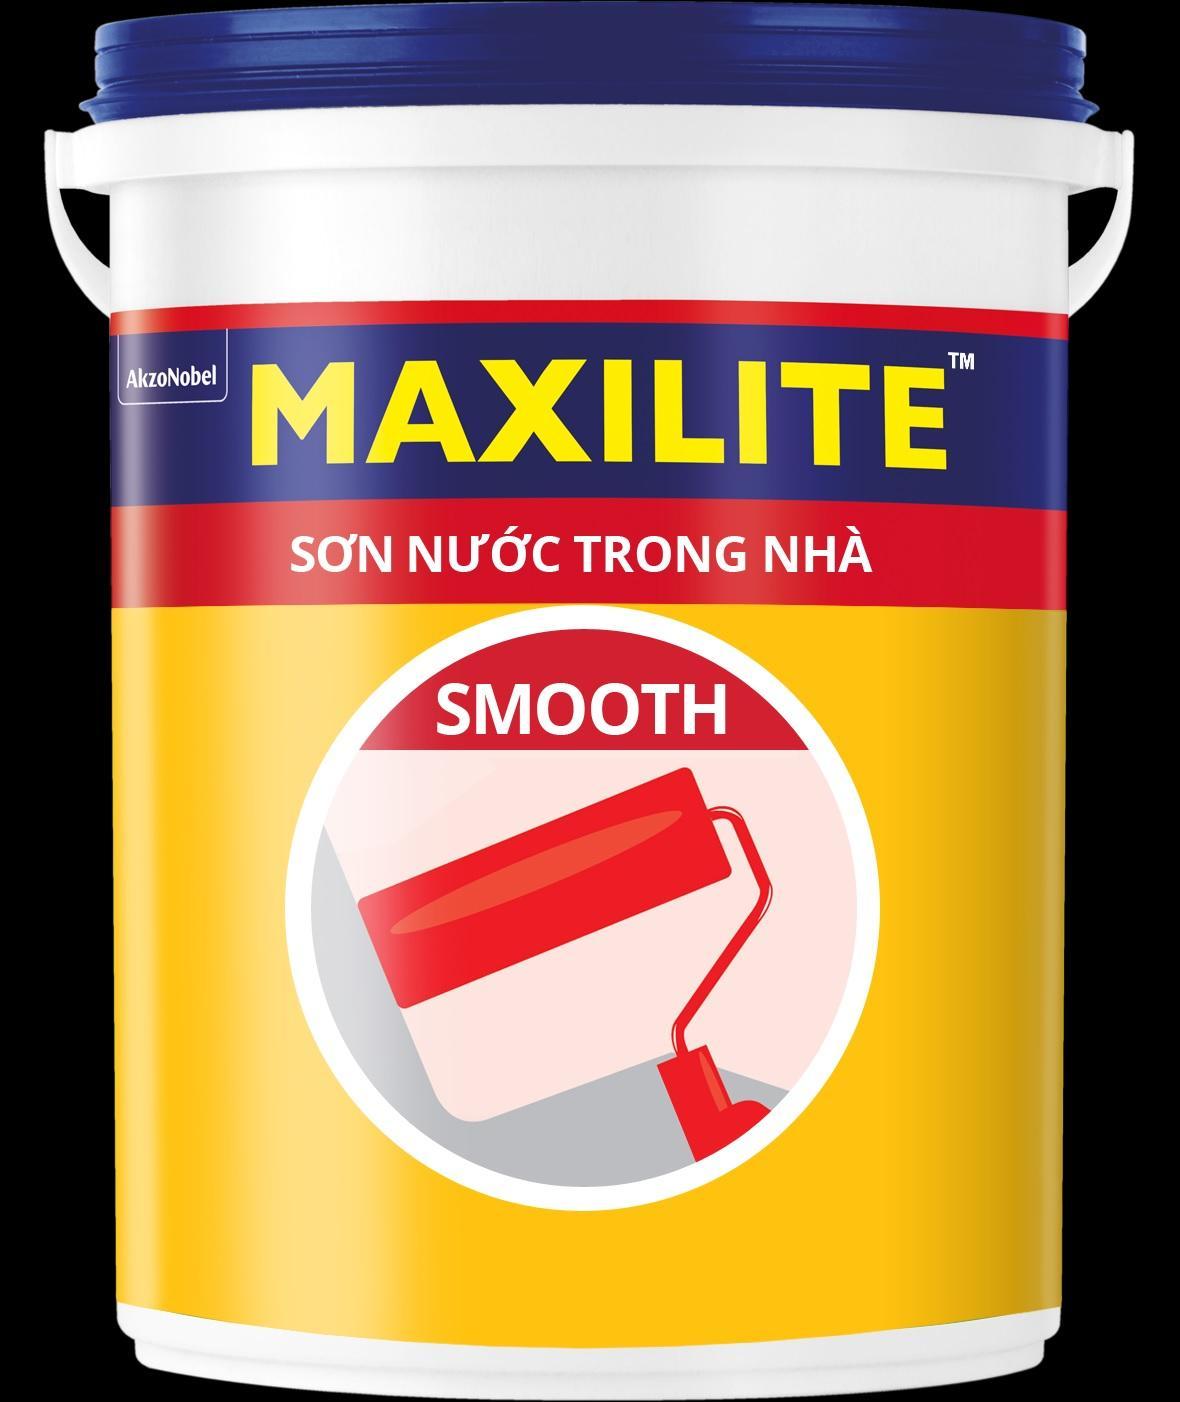 Hình ảnh Sơn nước trong nhà Maxilite Smooth